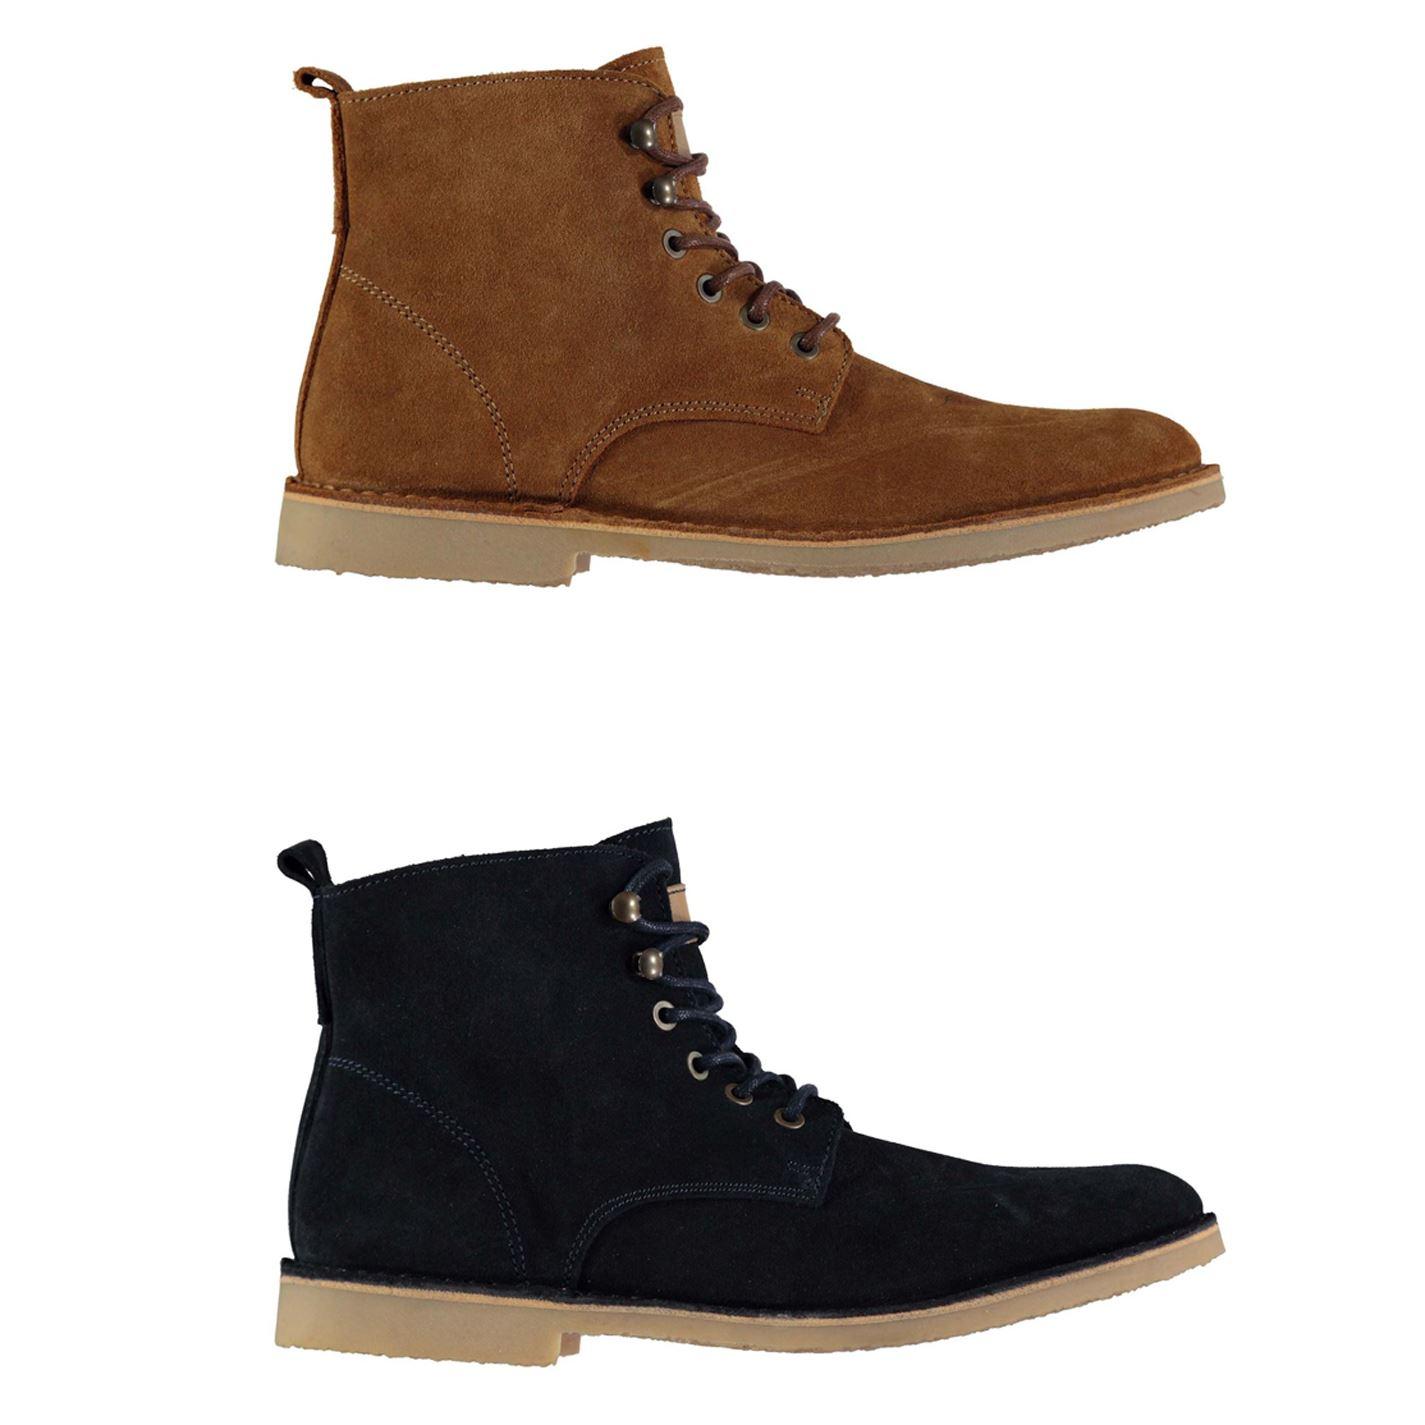 Details zu Firetrap Amp Stiefeletten Herren Schuhe Schuhwerk